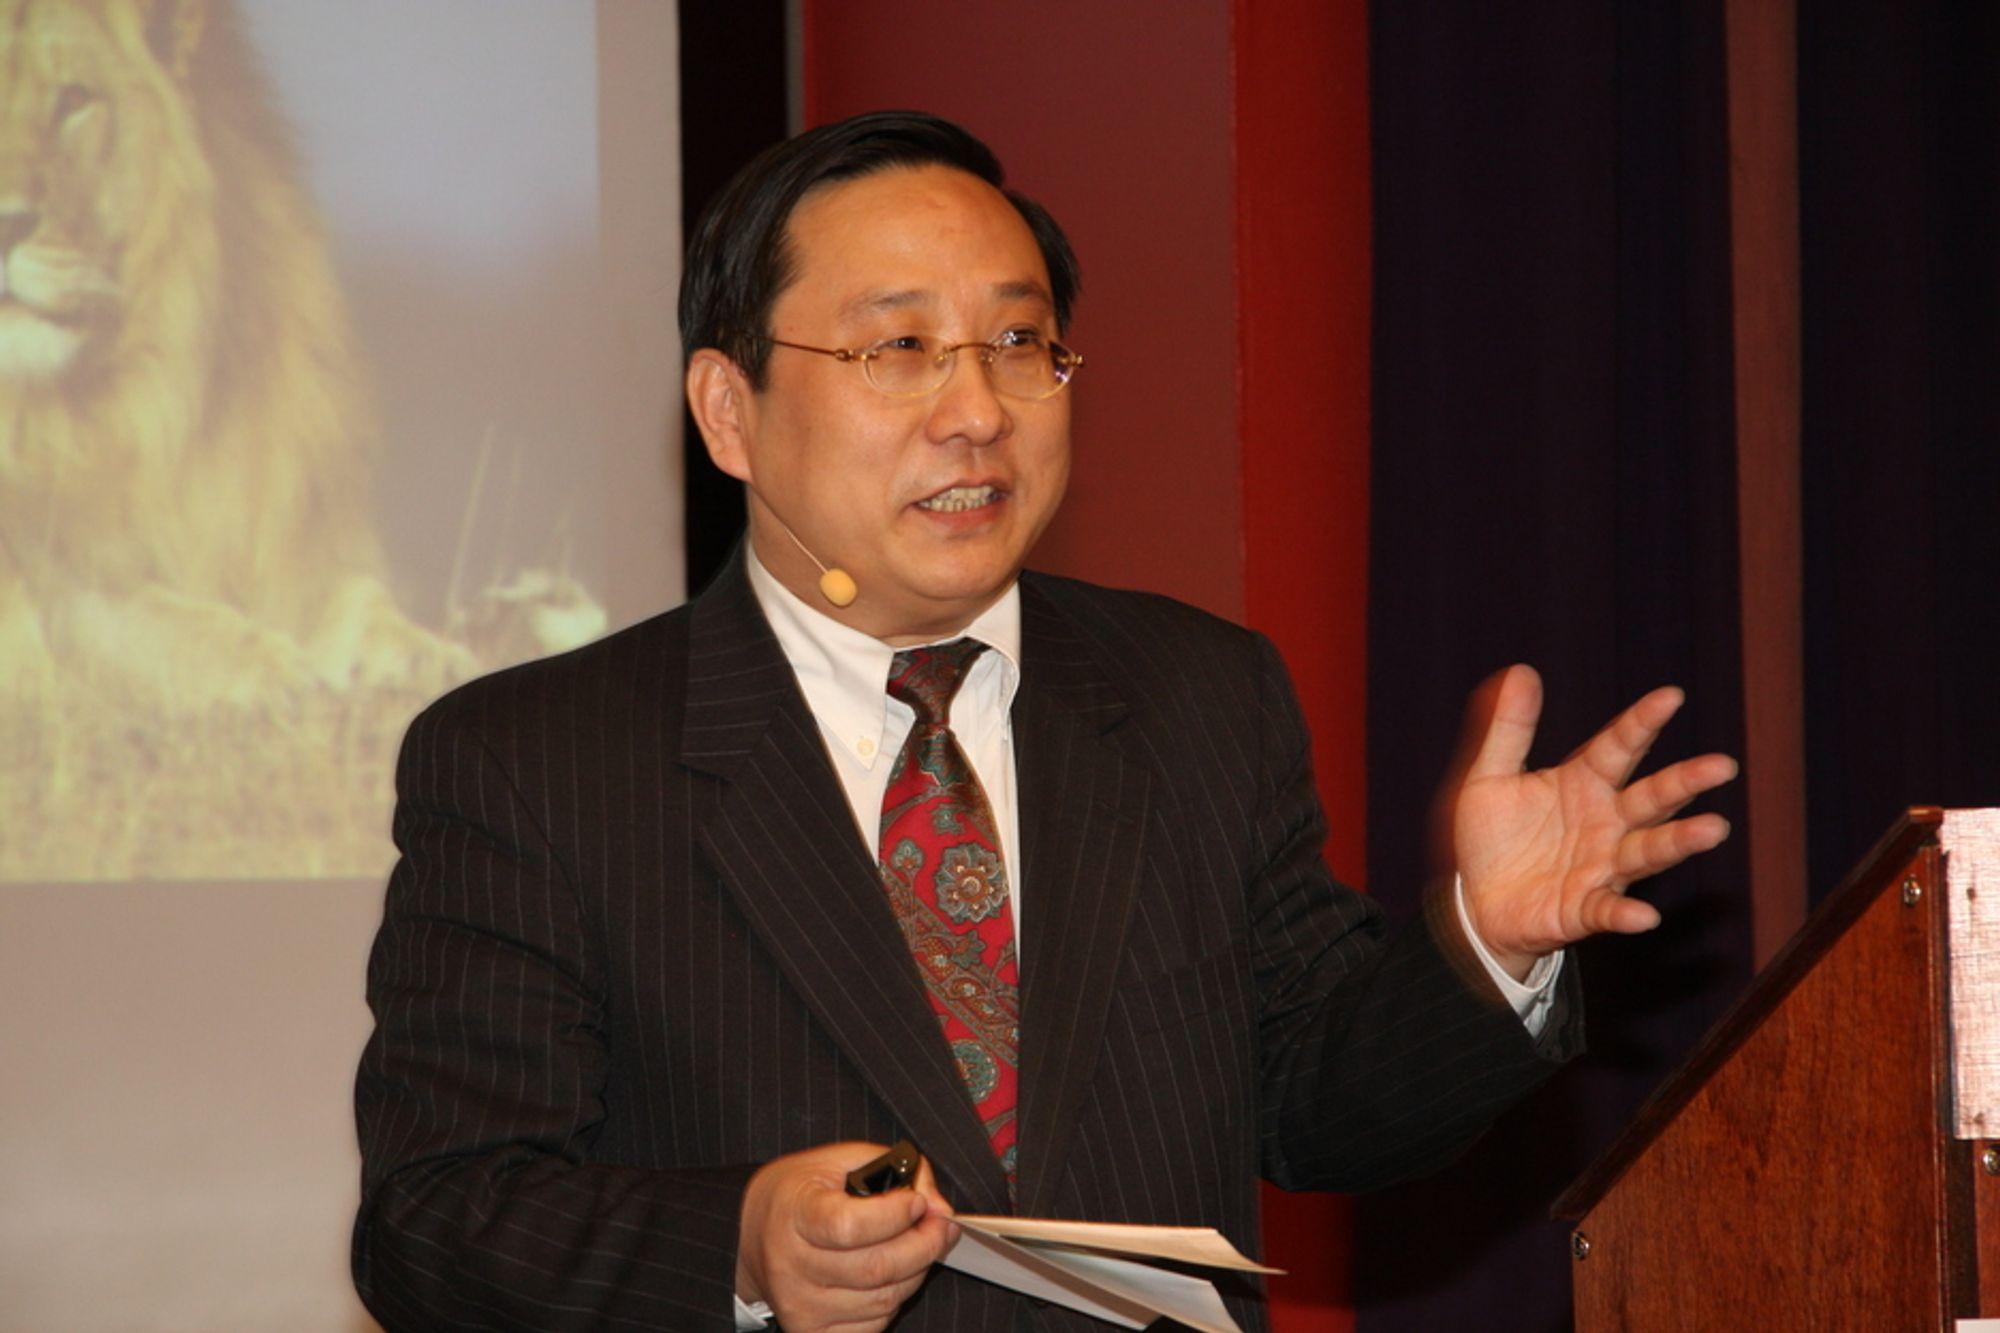 DRAGENS MAKT: Kina har flest mobilbrukere, flest nettbrukere, lager flest biler og er best på lyntog. Victor Gao skryter av kinesisk fremgang og tror den vil fortsette.